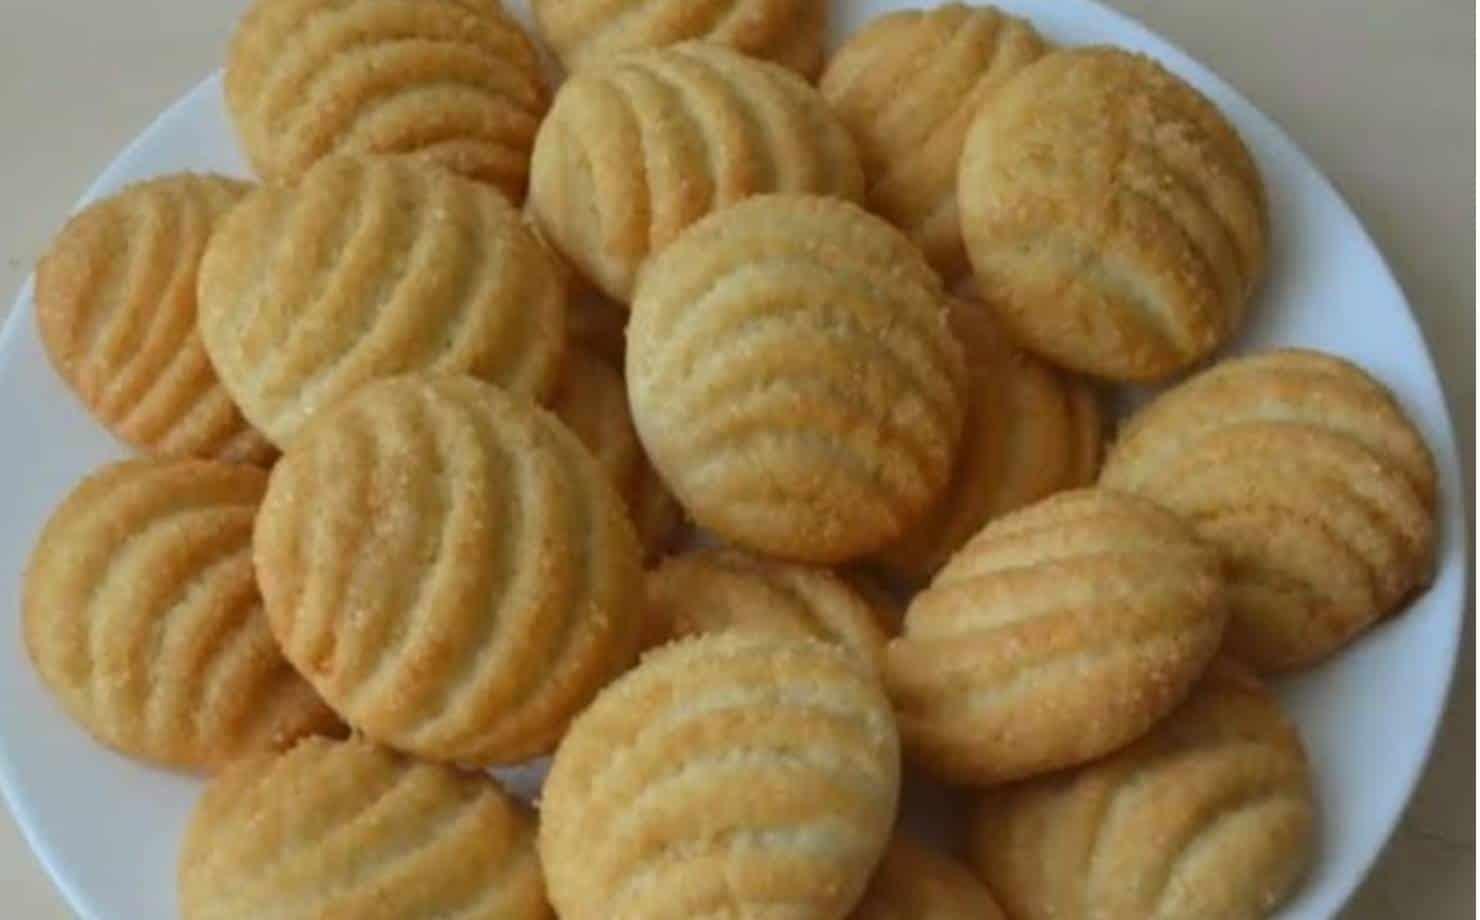 Receita de biscoitos crocantes com poucos ingredientes